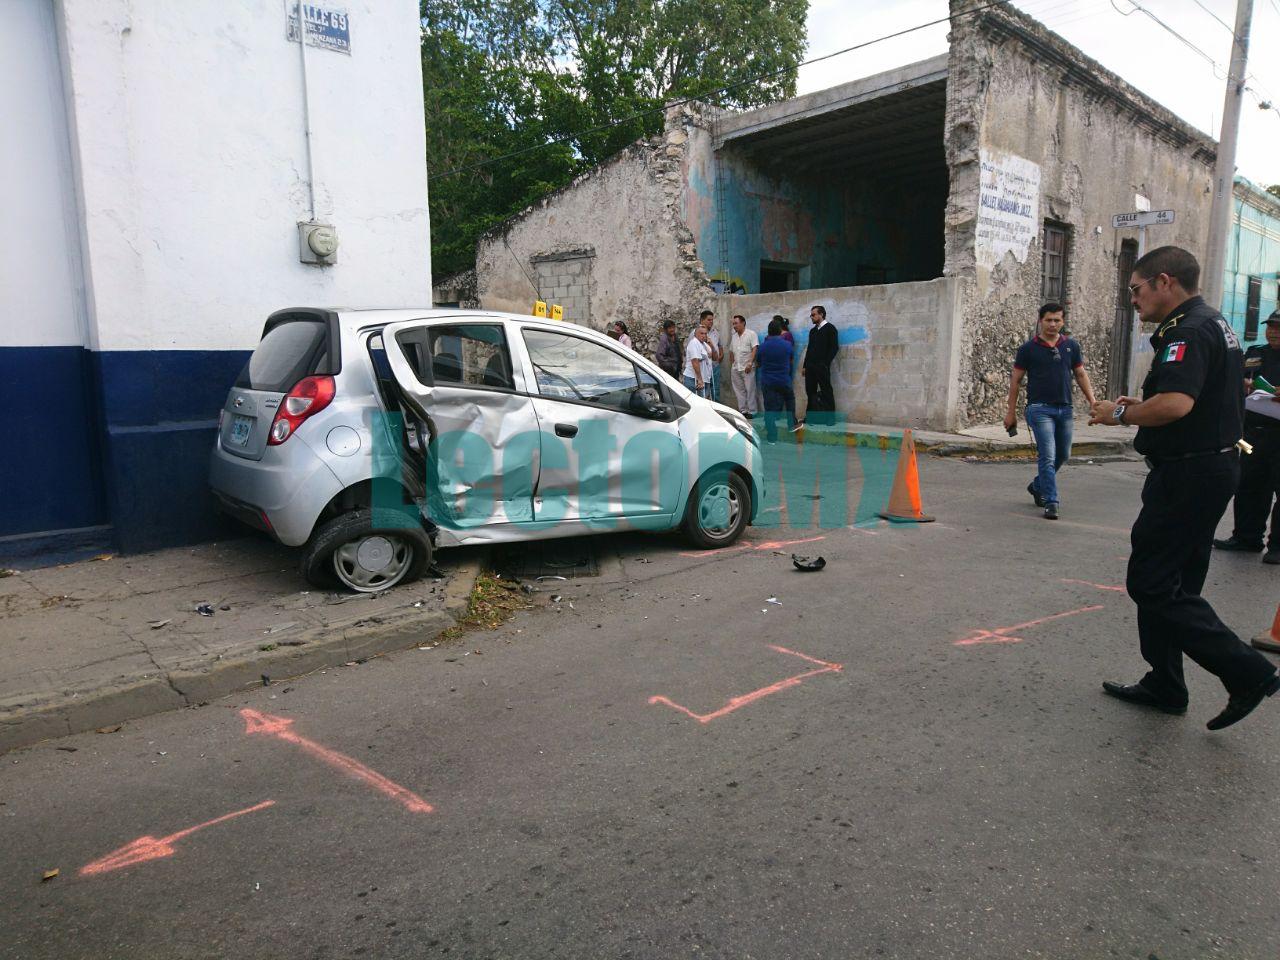 'Encontronazo' dominical con 7 heridos en Mérida